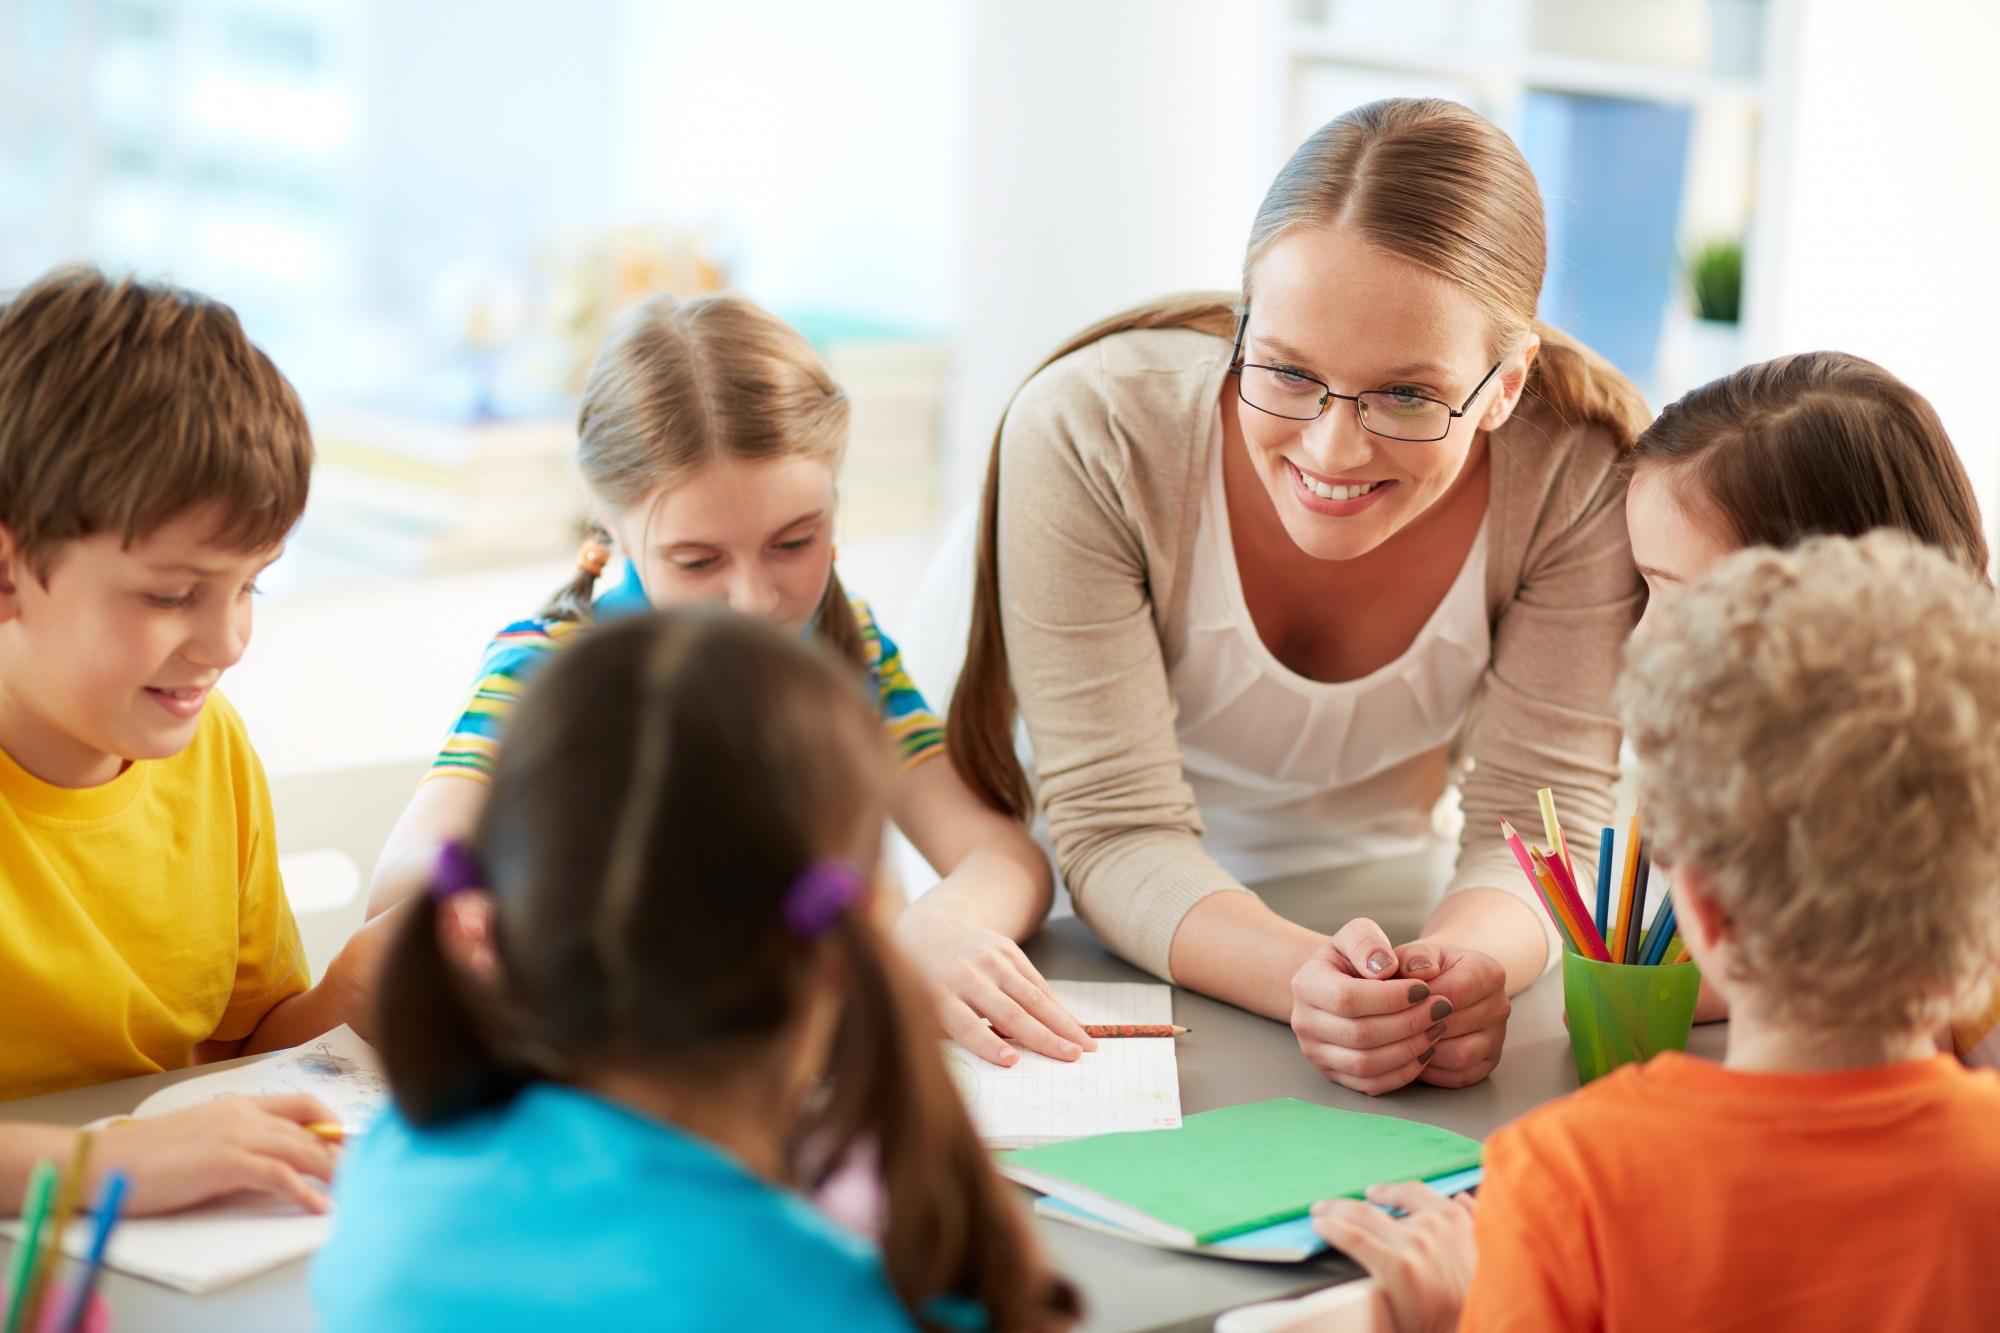 Lehrerin mit ihren Schüler:innen